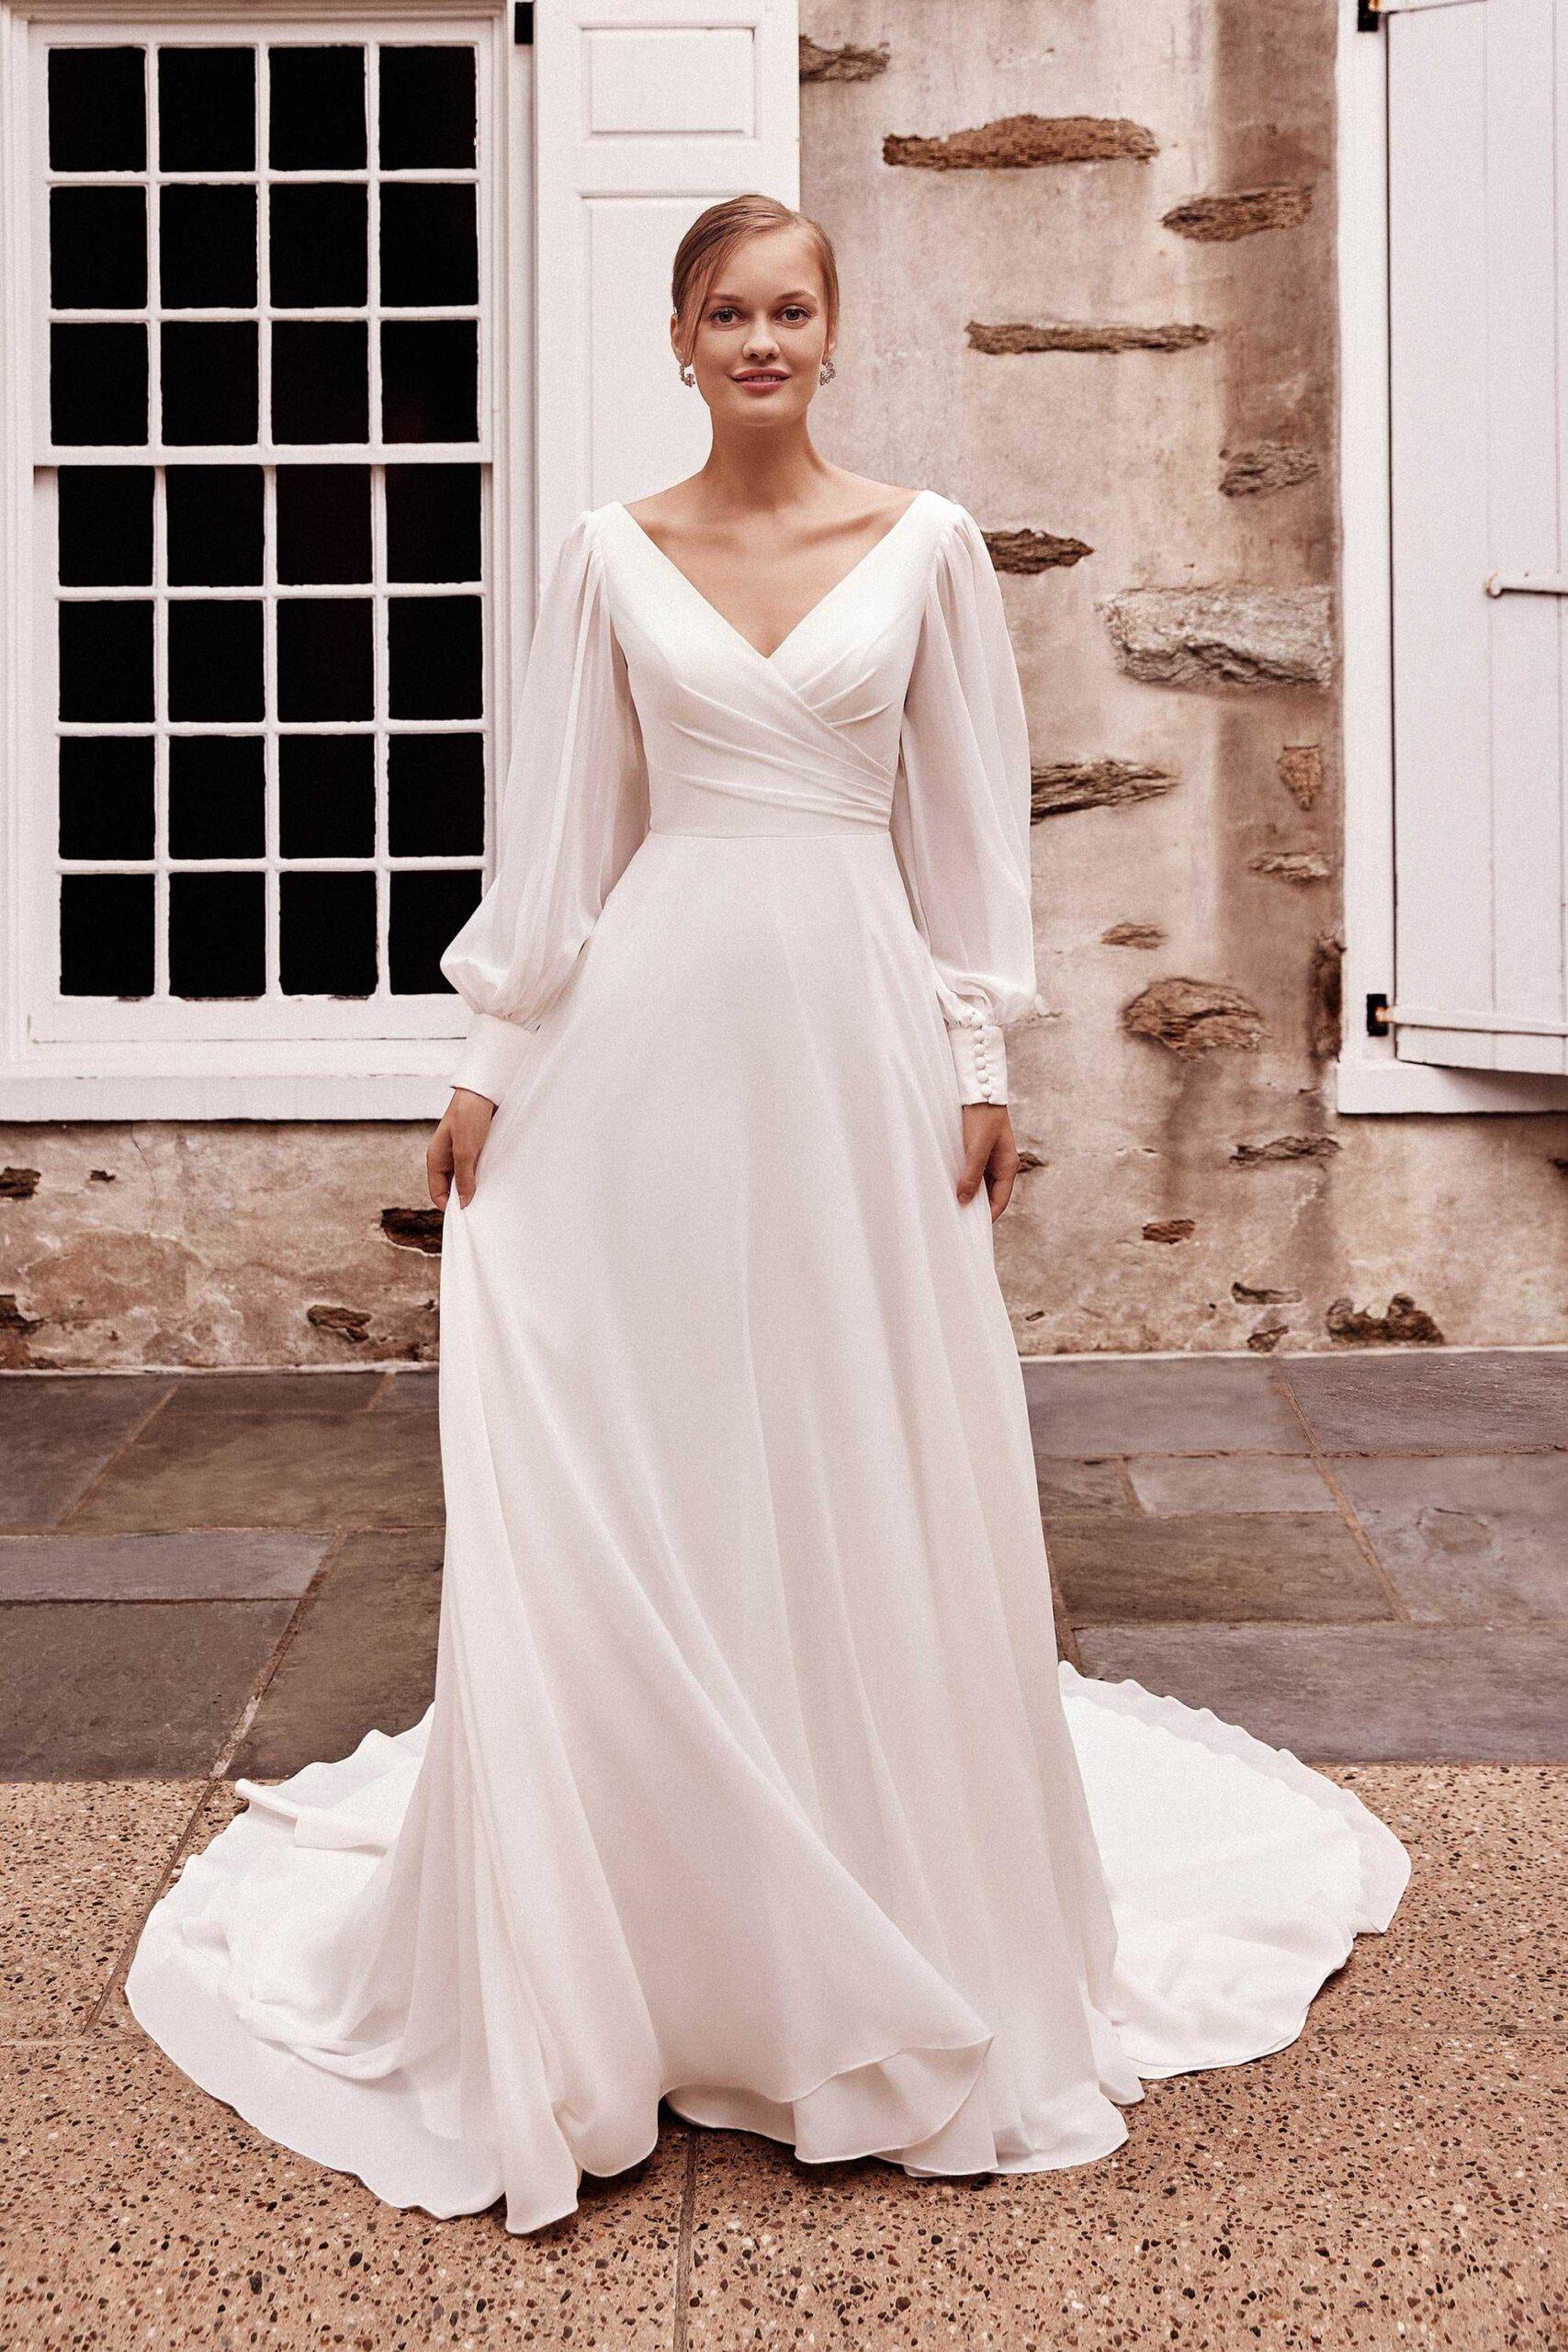 44264_FF_Sincerity-Bridal